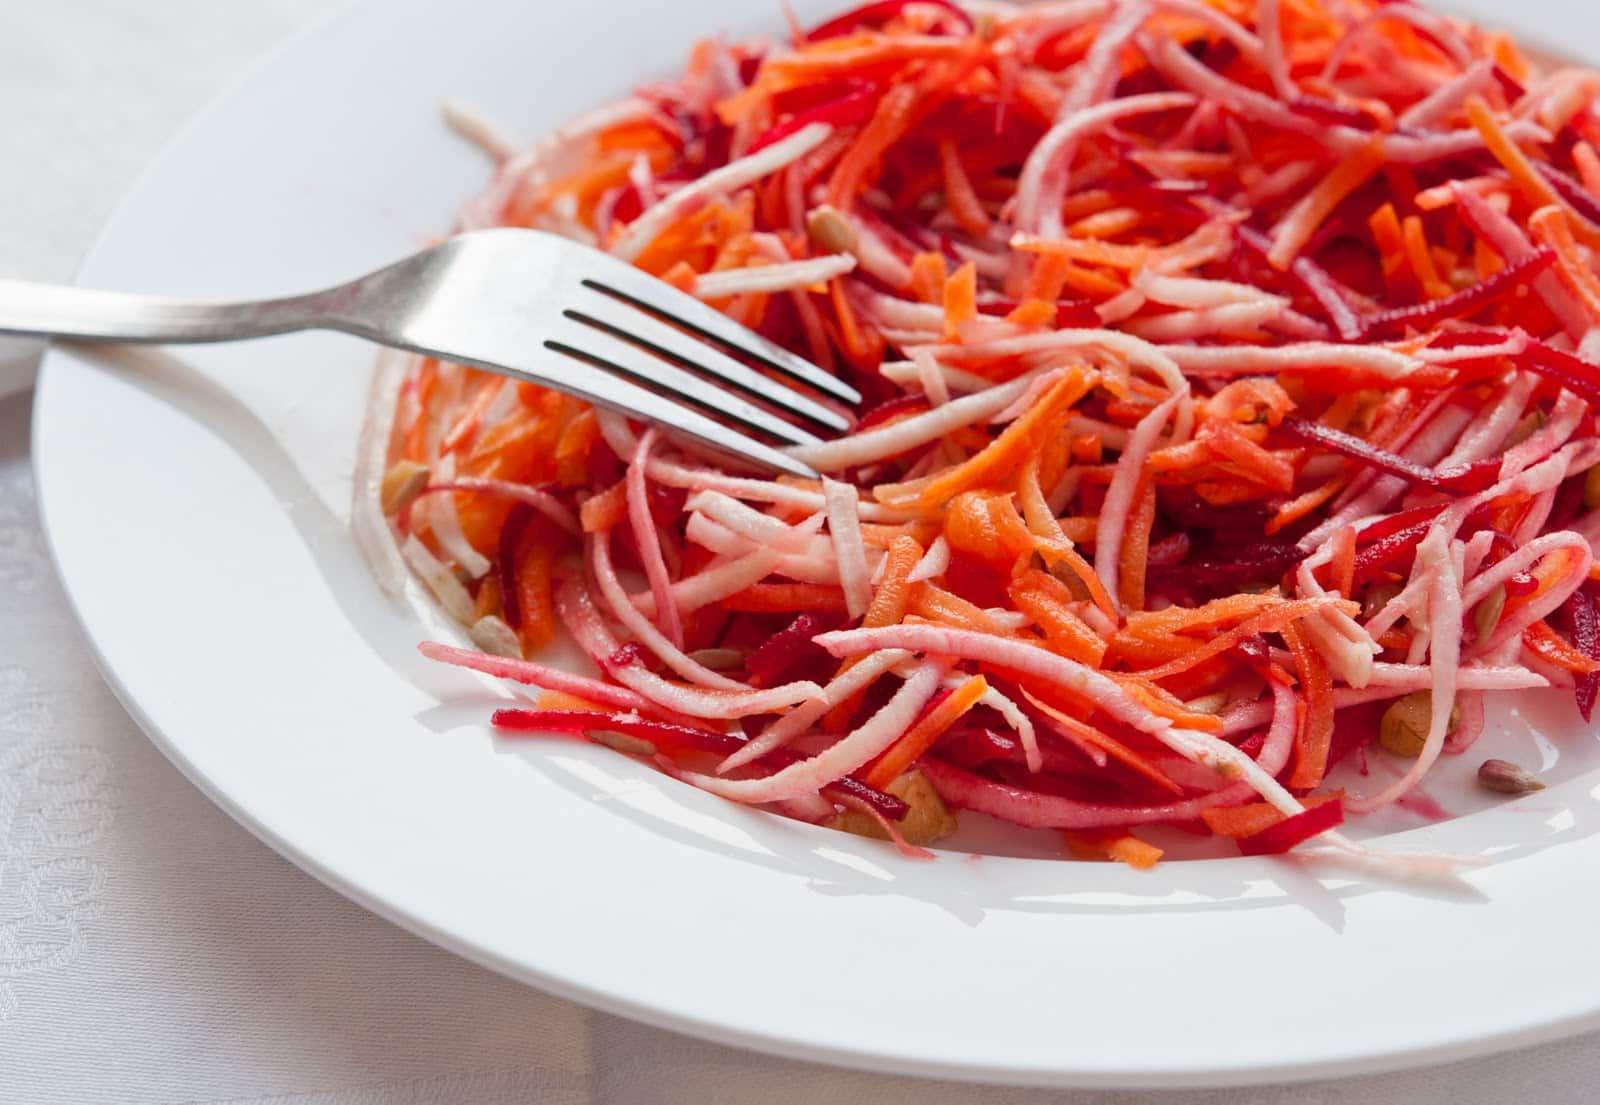 Салат Морковь И Свекла Тертая Для Похудения. Здоровая пища для привлекательной фигуры – диетический салат из свеклы: в чем польза, как лучше готовить, популярные рецепты